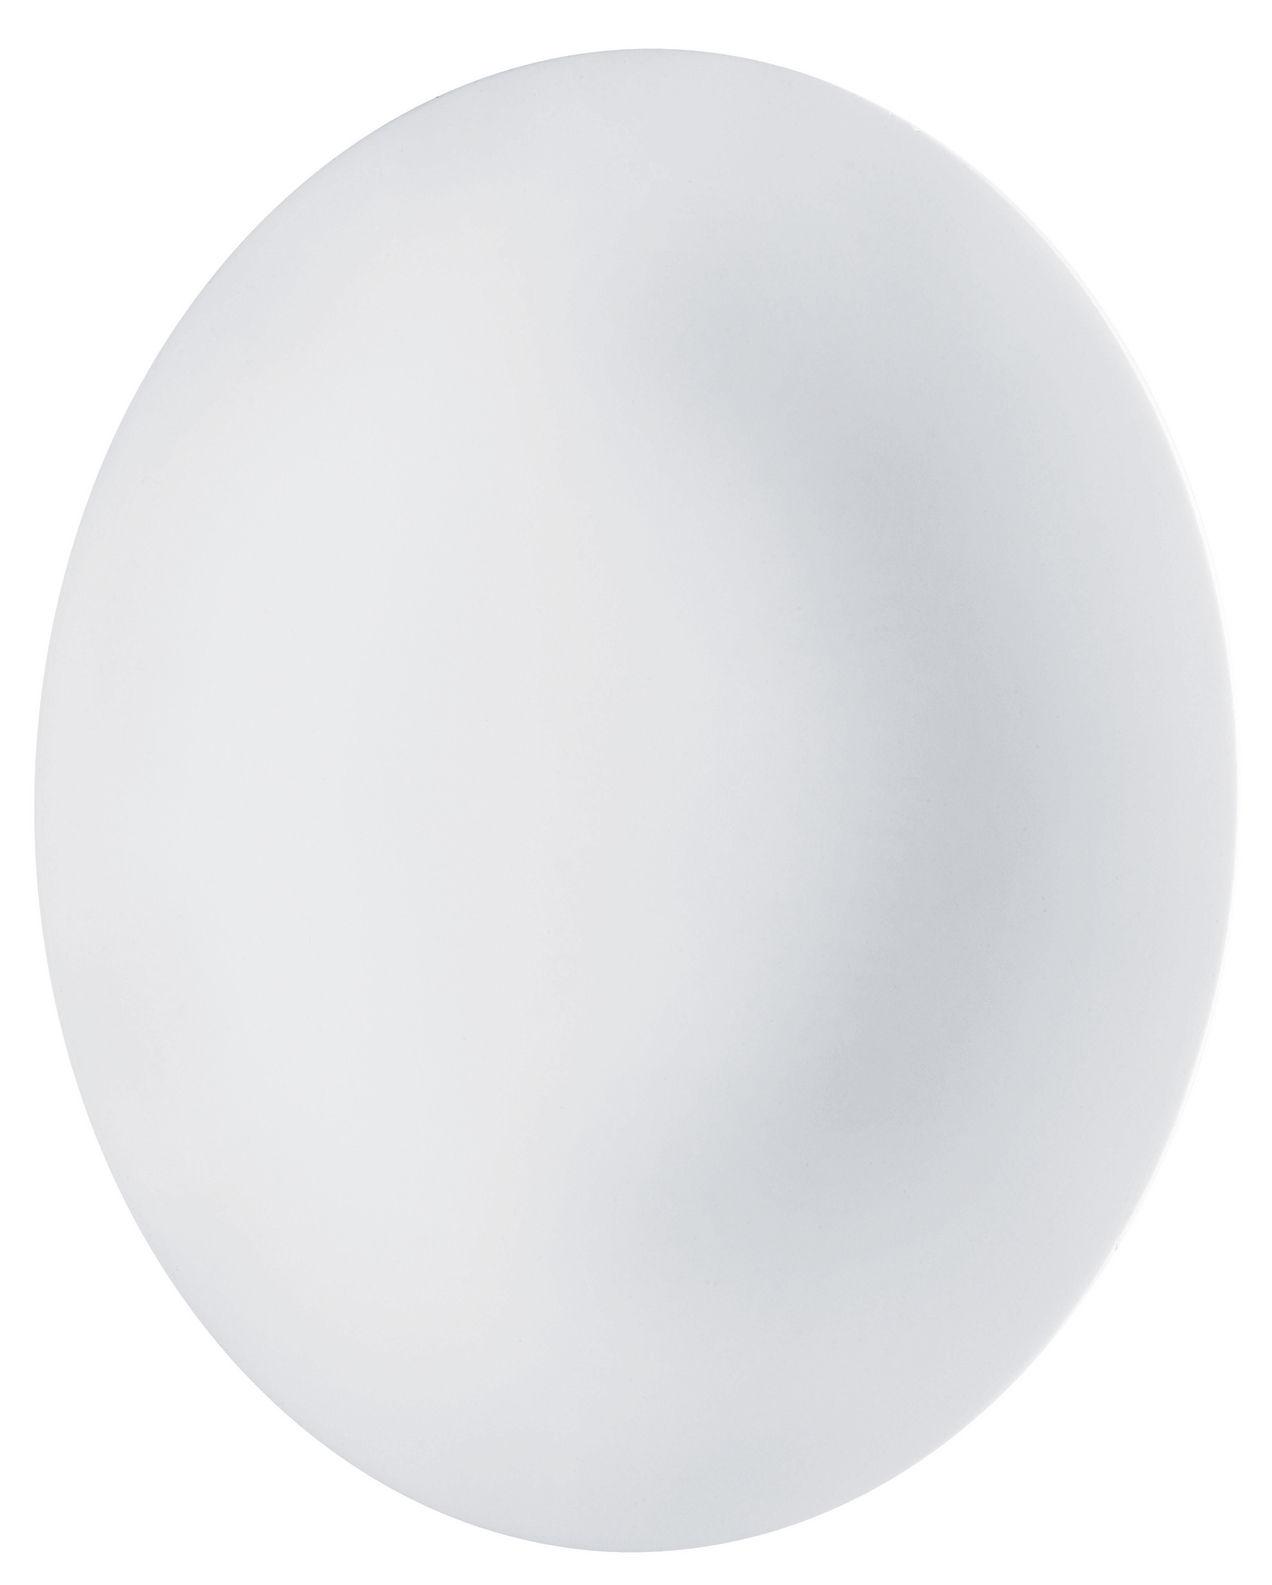 Arts de la table - Plats - Plat de service Ku / 36 x 28 cm - Alessi - Blanc - Porcelaine